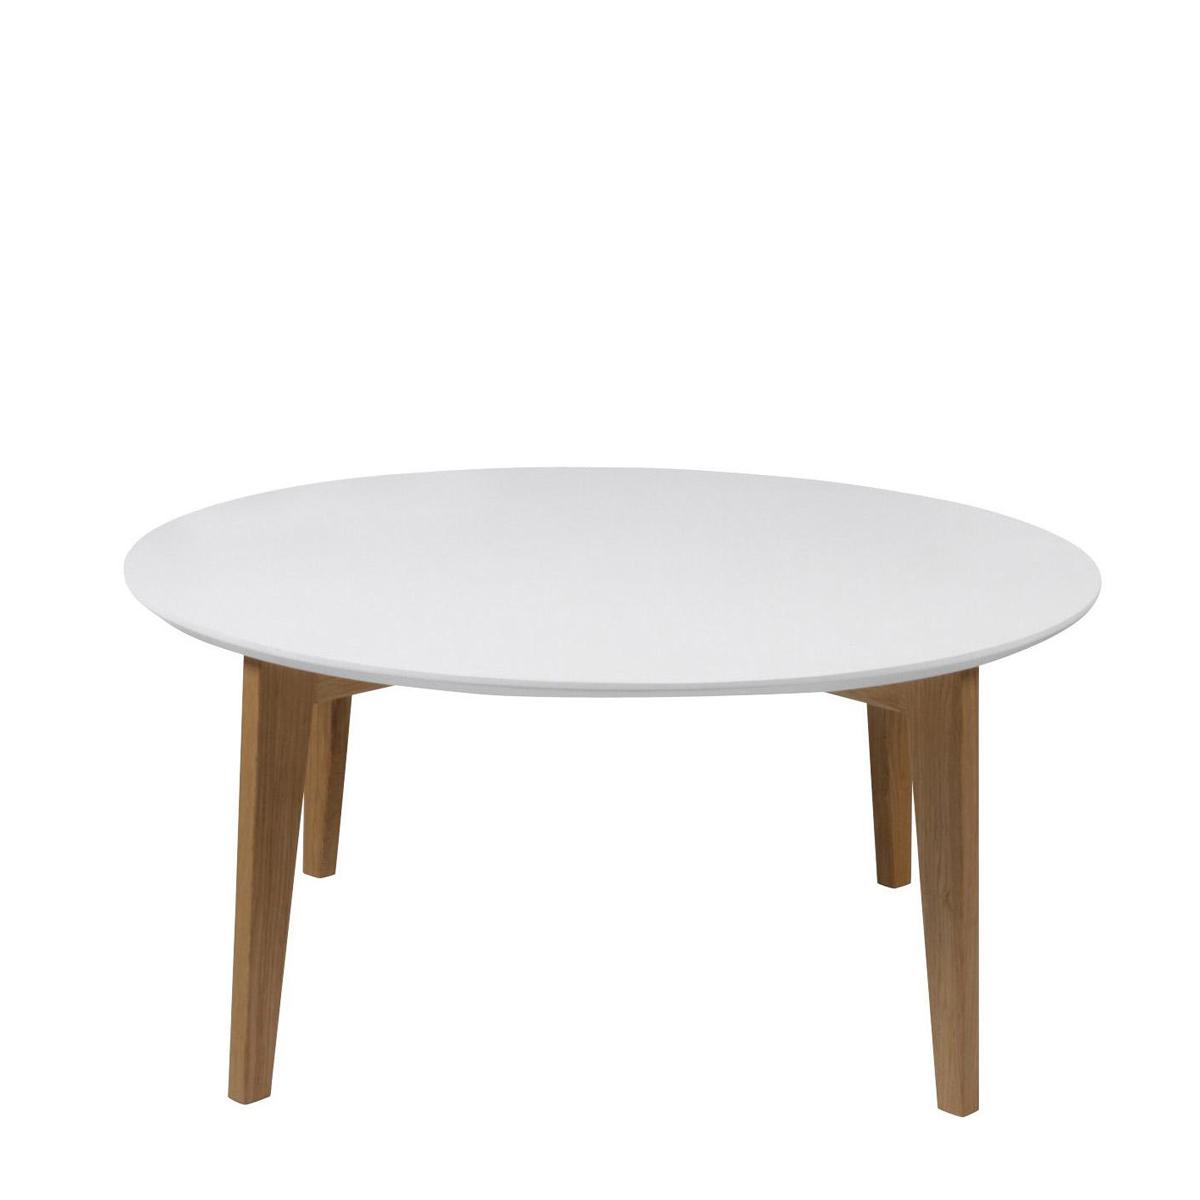 couchtisch abin wohnzimmer tisch platte rund wei lackiert gestell massiv eiche eur 119 95. Black Bedroom Furniture Sets. Home Design Ideas